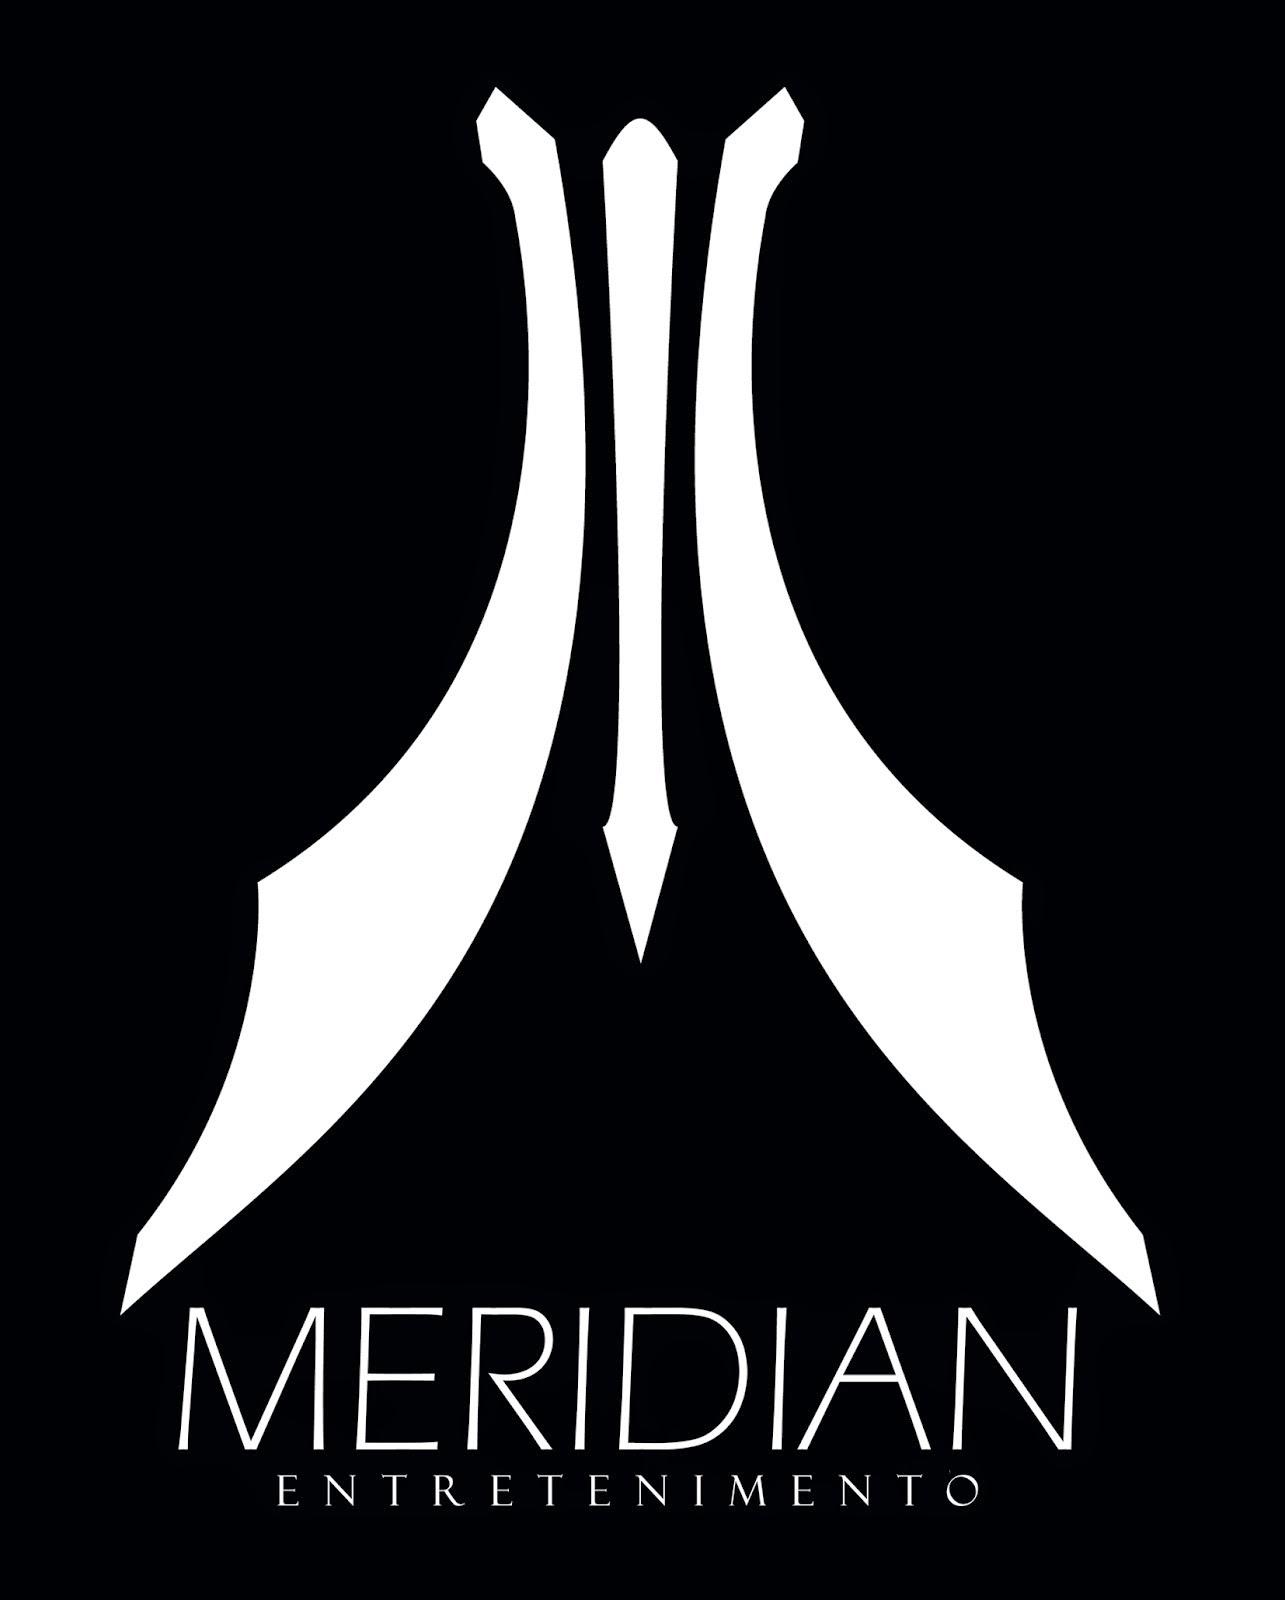 Meridian Entretenimento